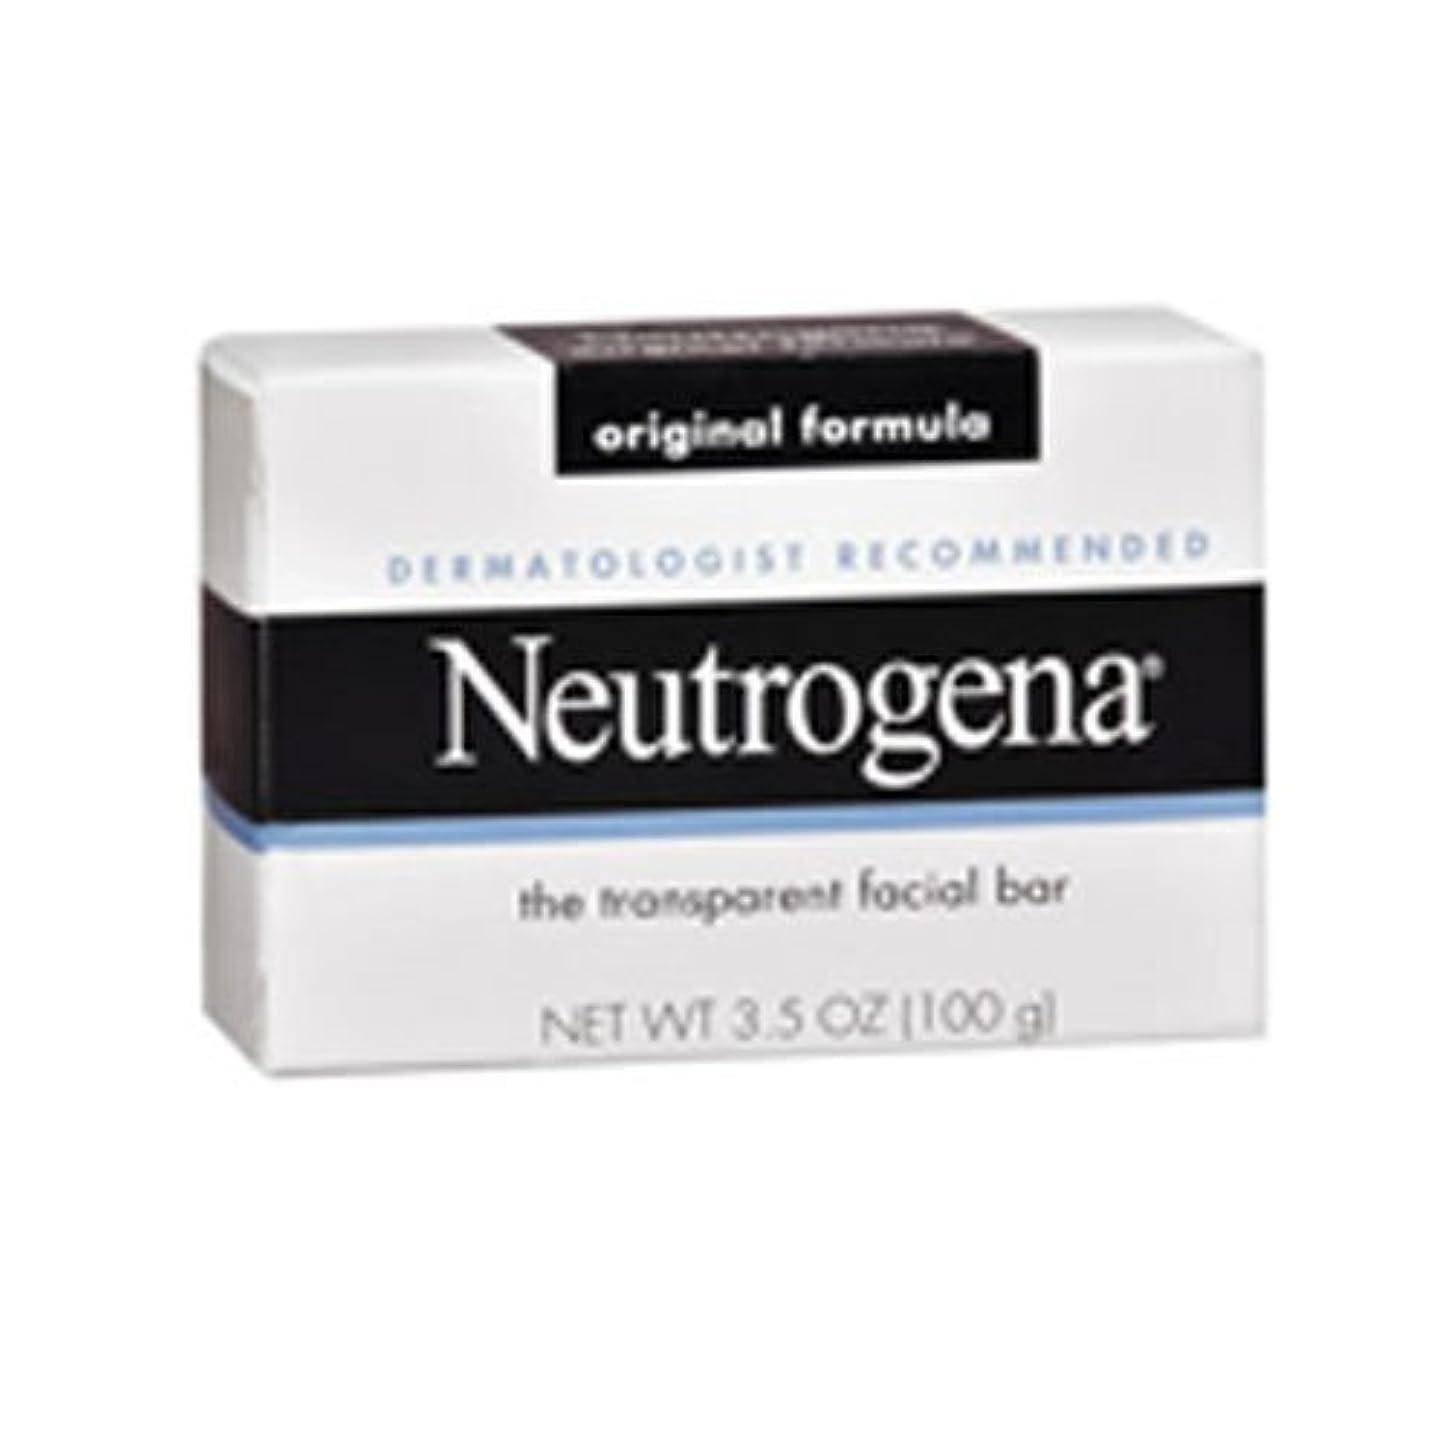 メッセンジャーシフトヘルメット海外直送肘 Neutrogena Transparent Facial Soap Bar, 3.5 oz